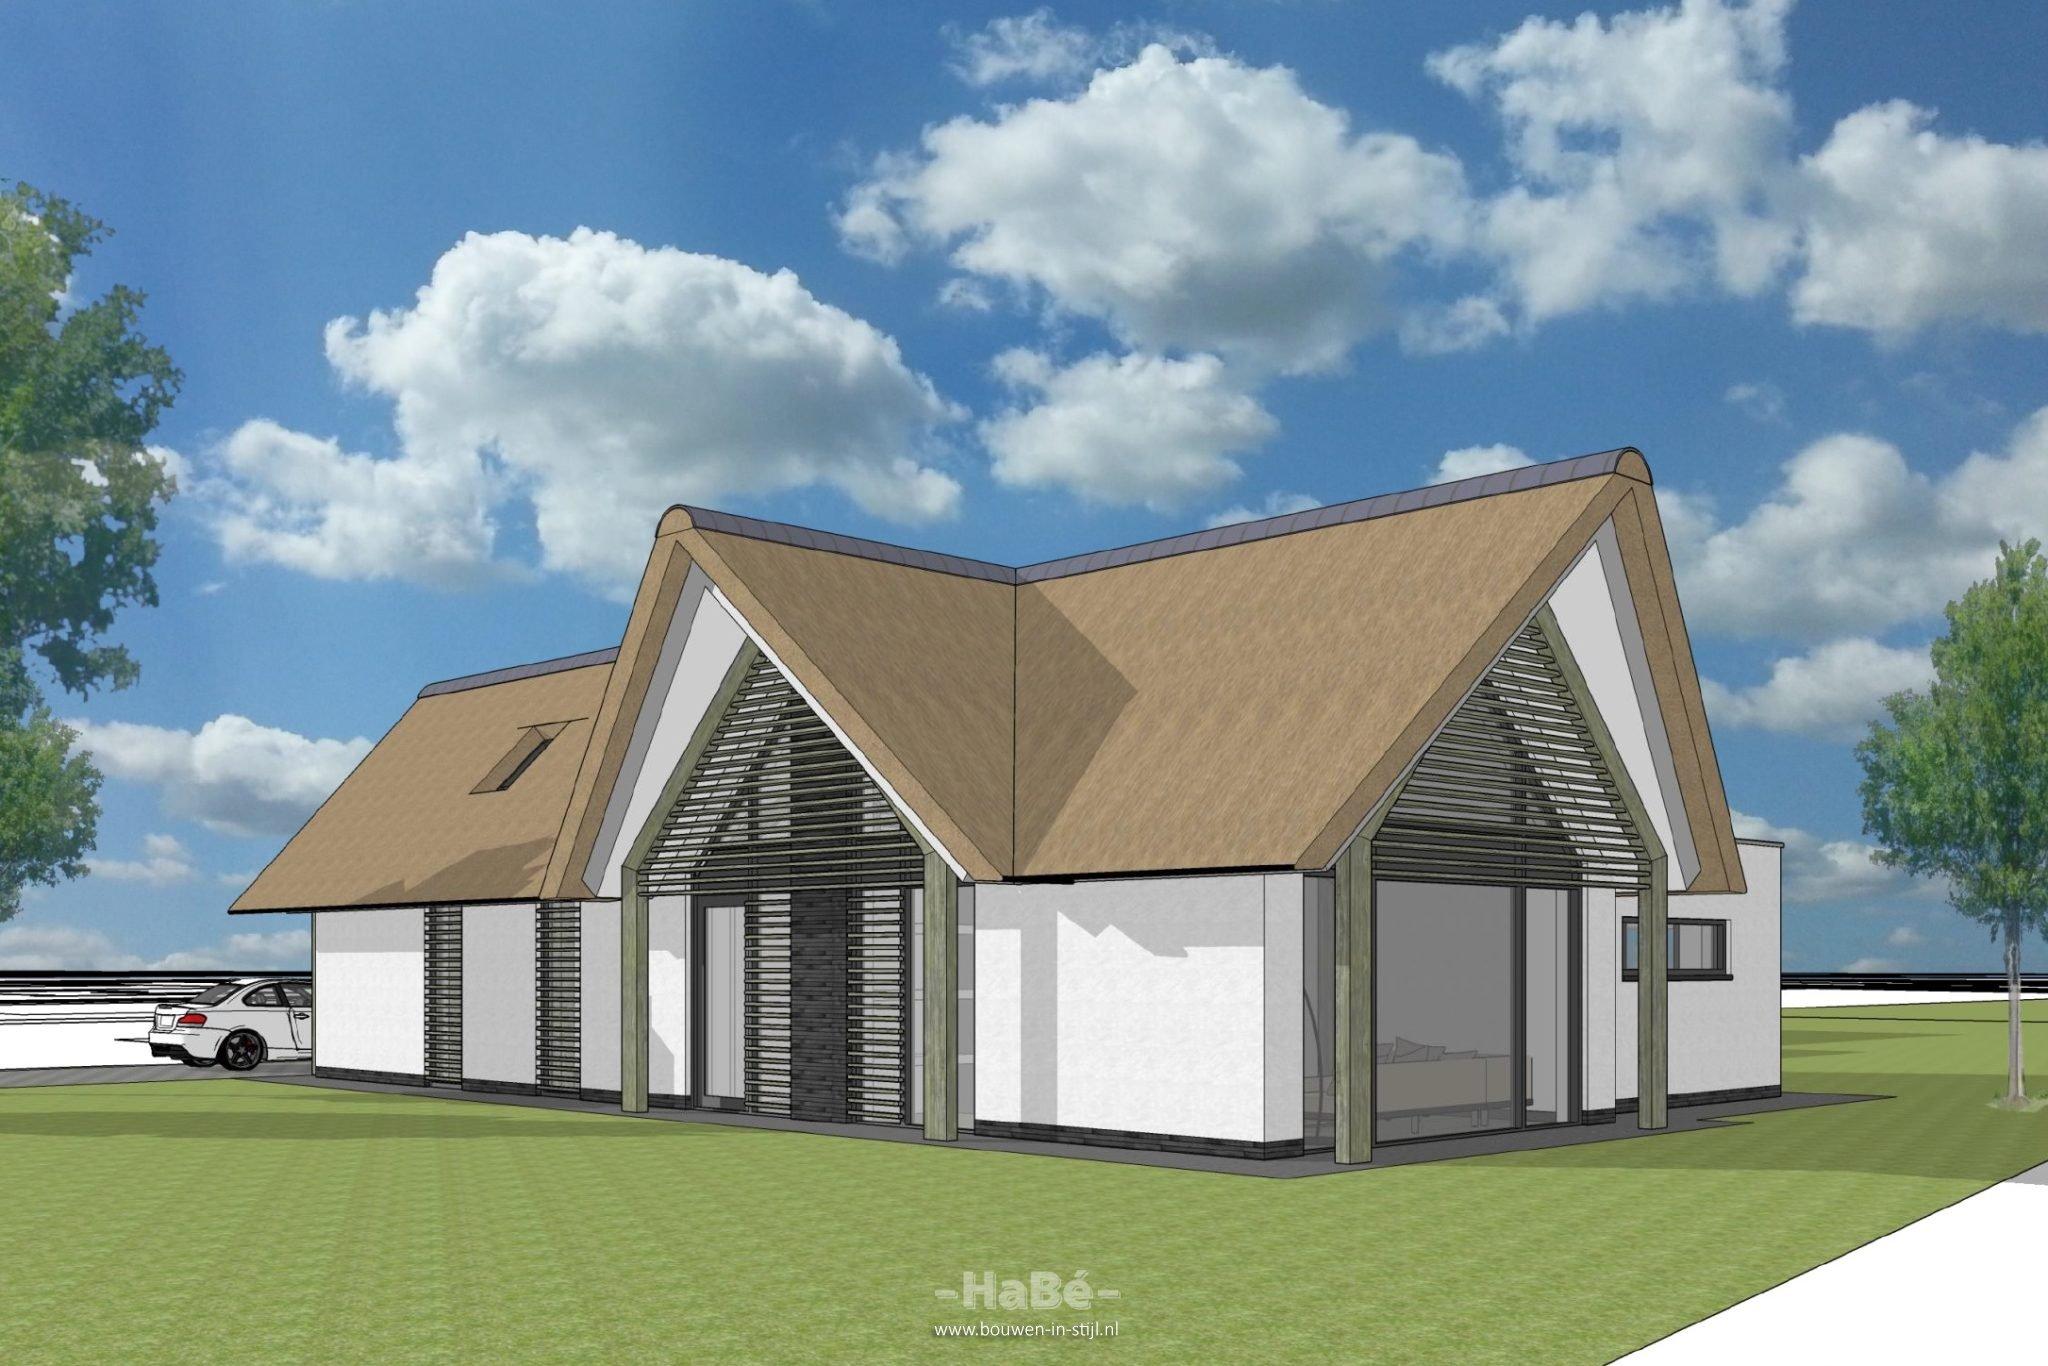 Nieuwbouw vrijstaande woning met rieten kap te veenendaal for Bouwkavels gelderland vrijstaand